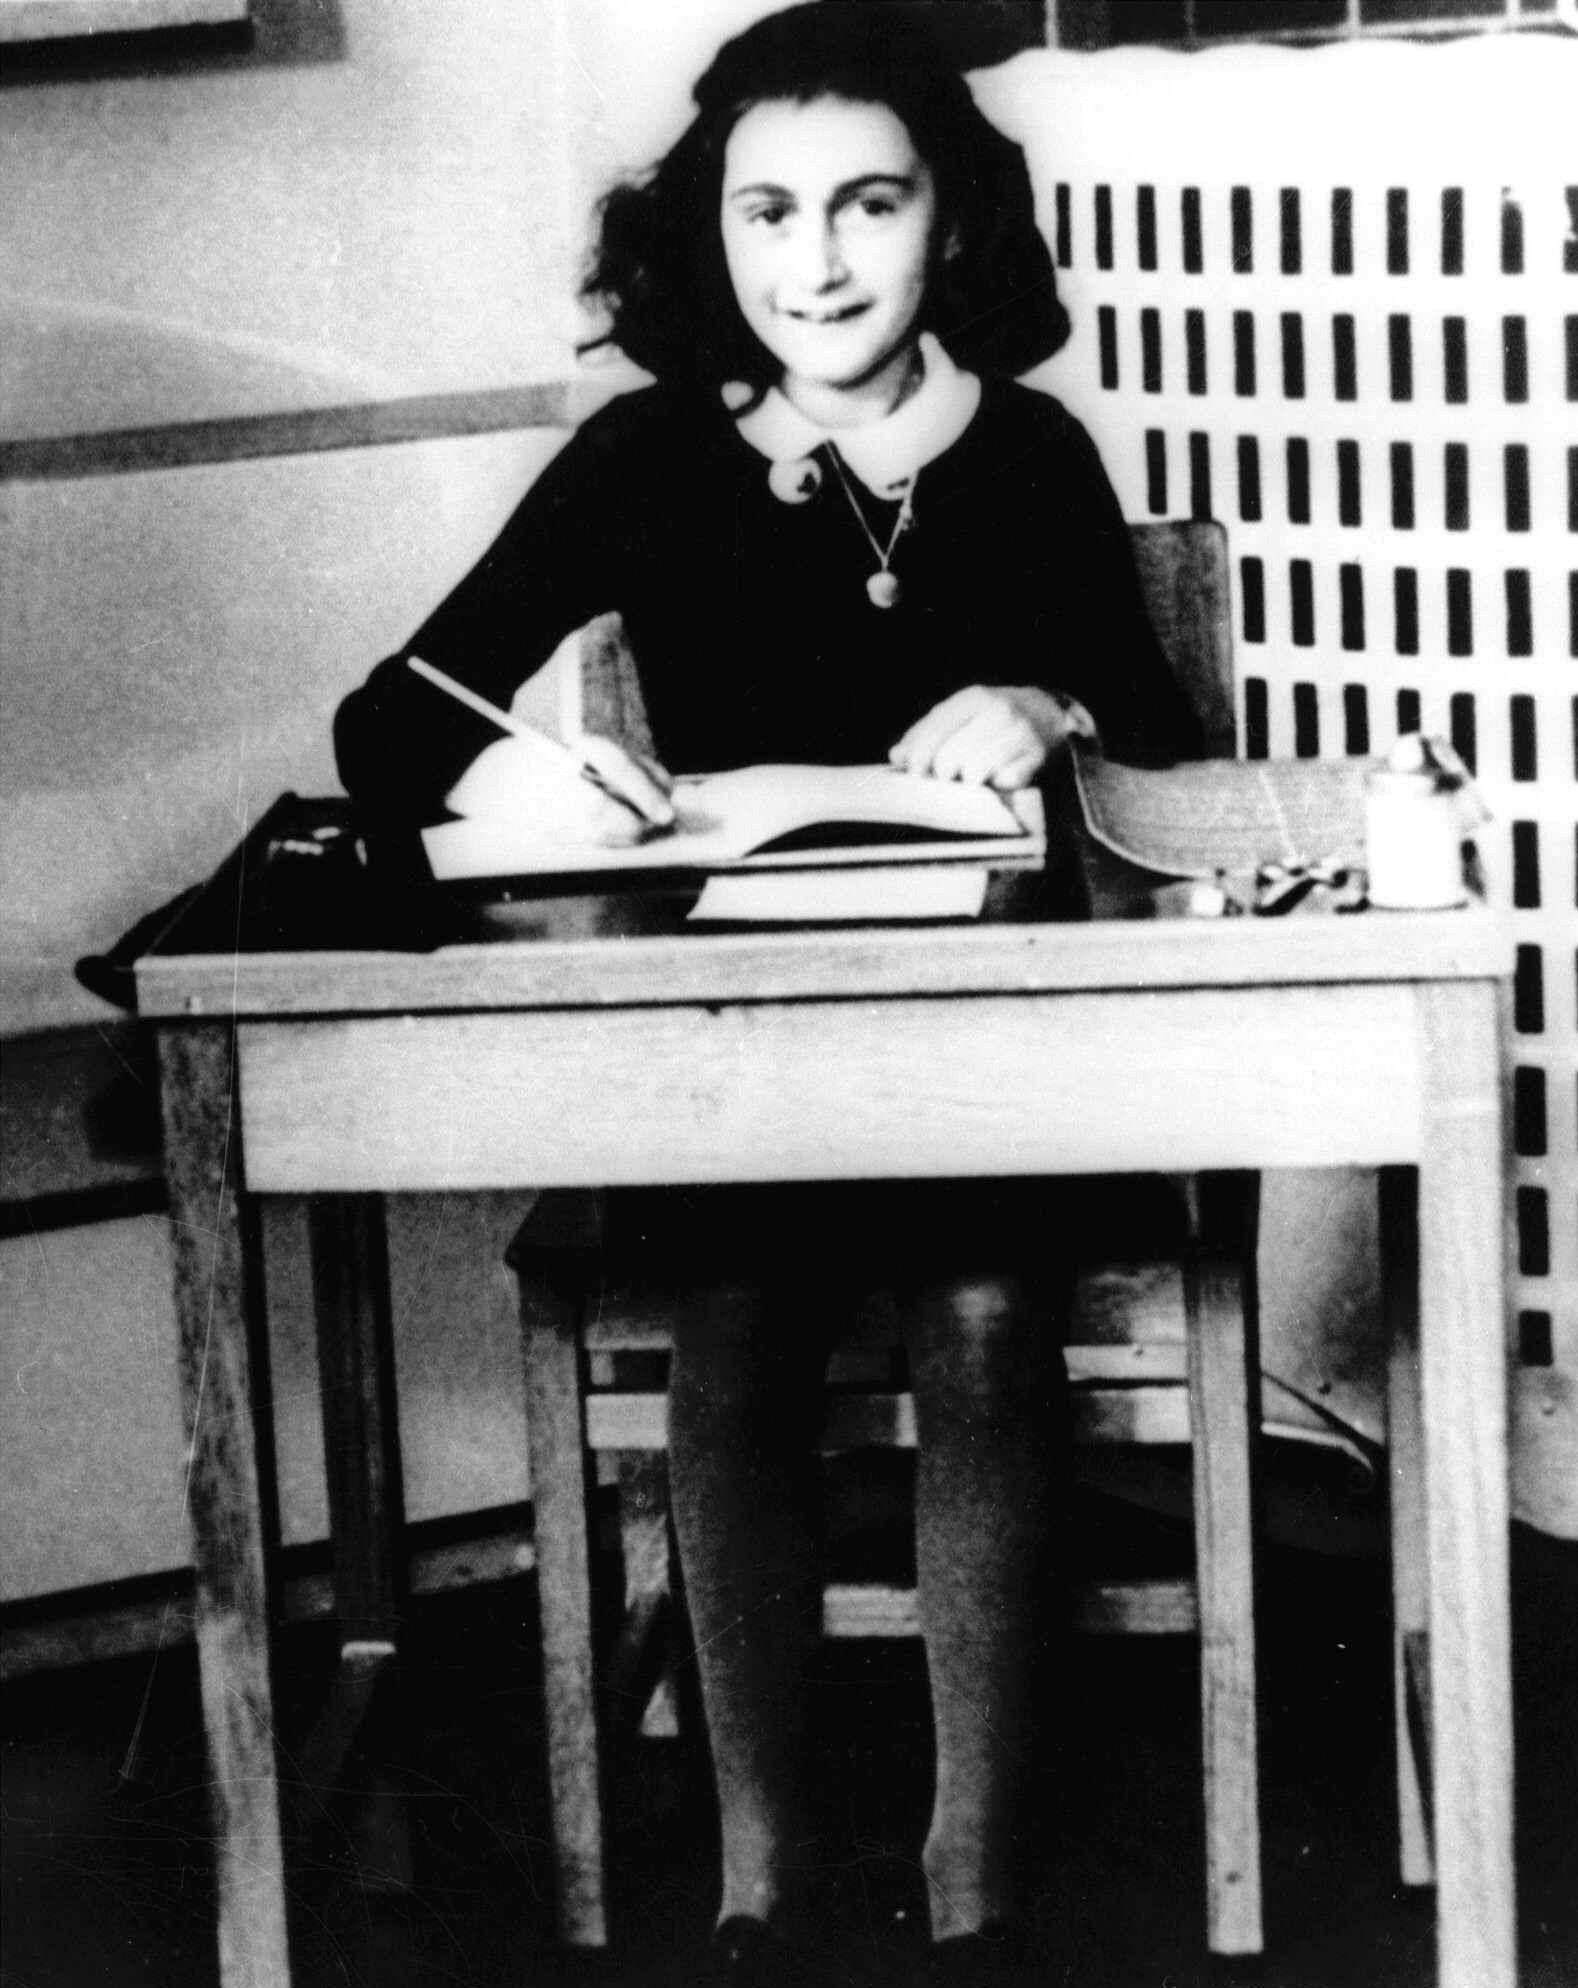 NUR FÜR EINESTAGES - Liebes Tagebuch... Anne Frank